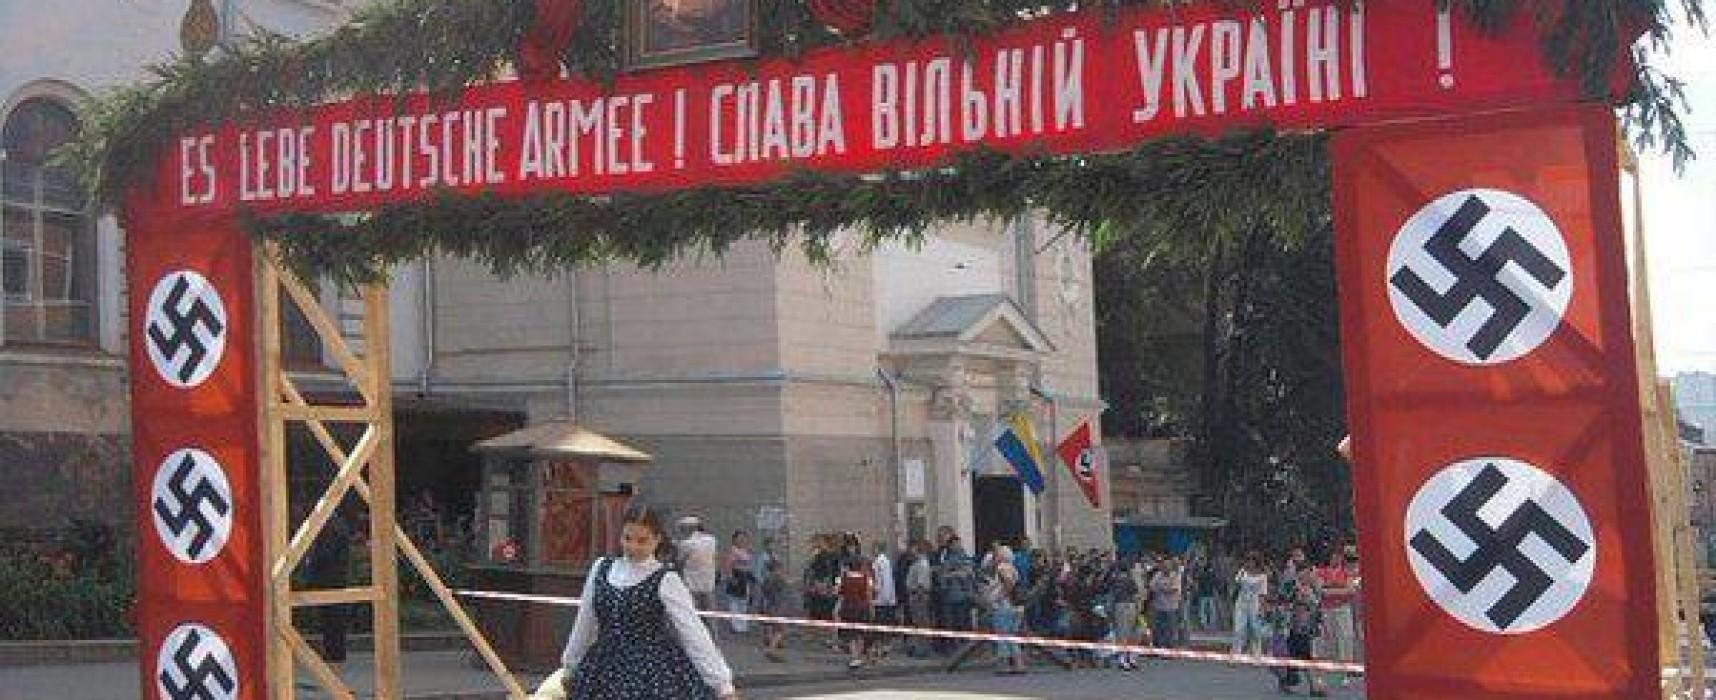 Фотофейк: празднование дня Львова со свастикой